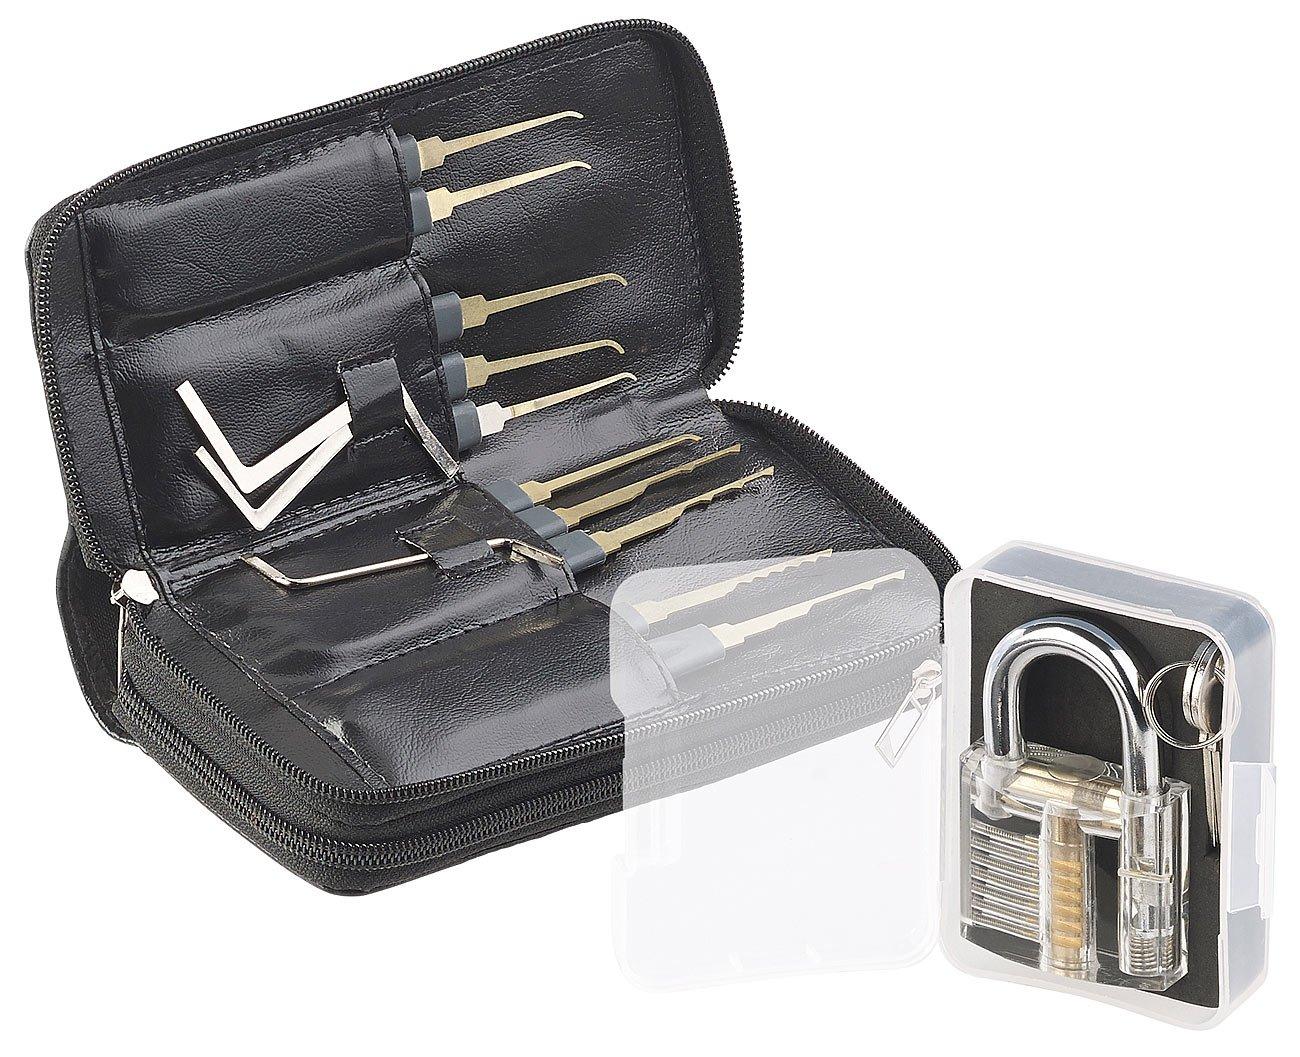 AGT Lockpick: Profi-Lockpicking-Set mit 30-teiliger Dietrich-Tasche & Ü bungs-Schloss (Schlossö ffner)